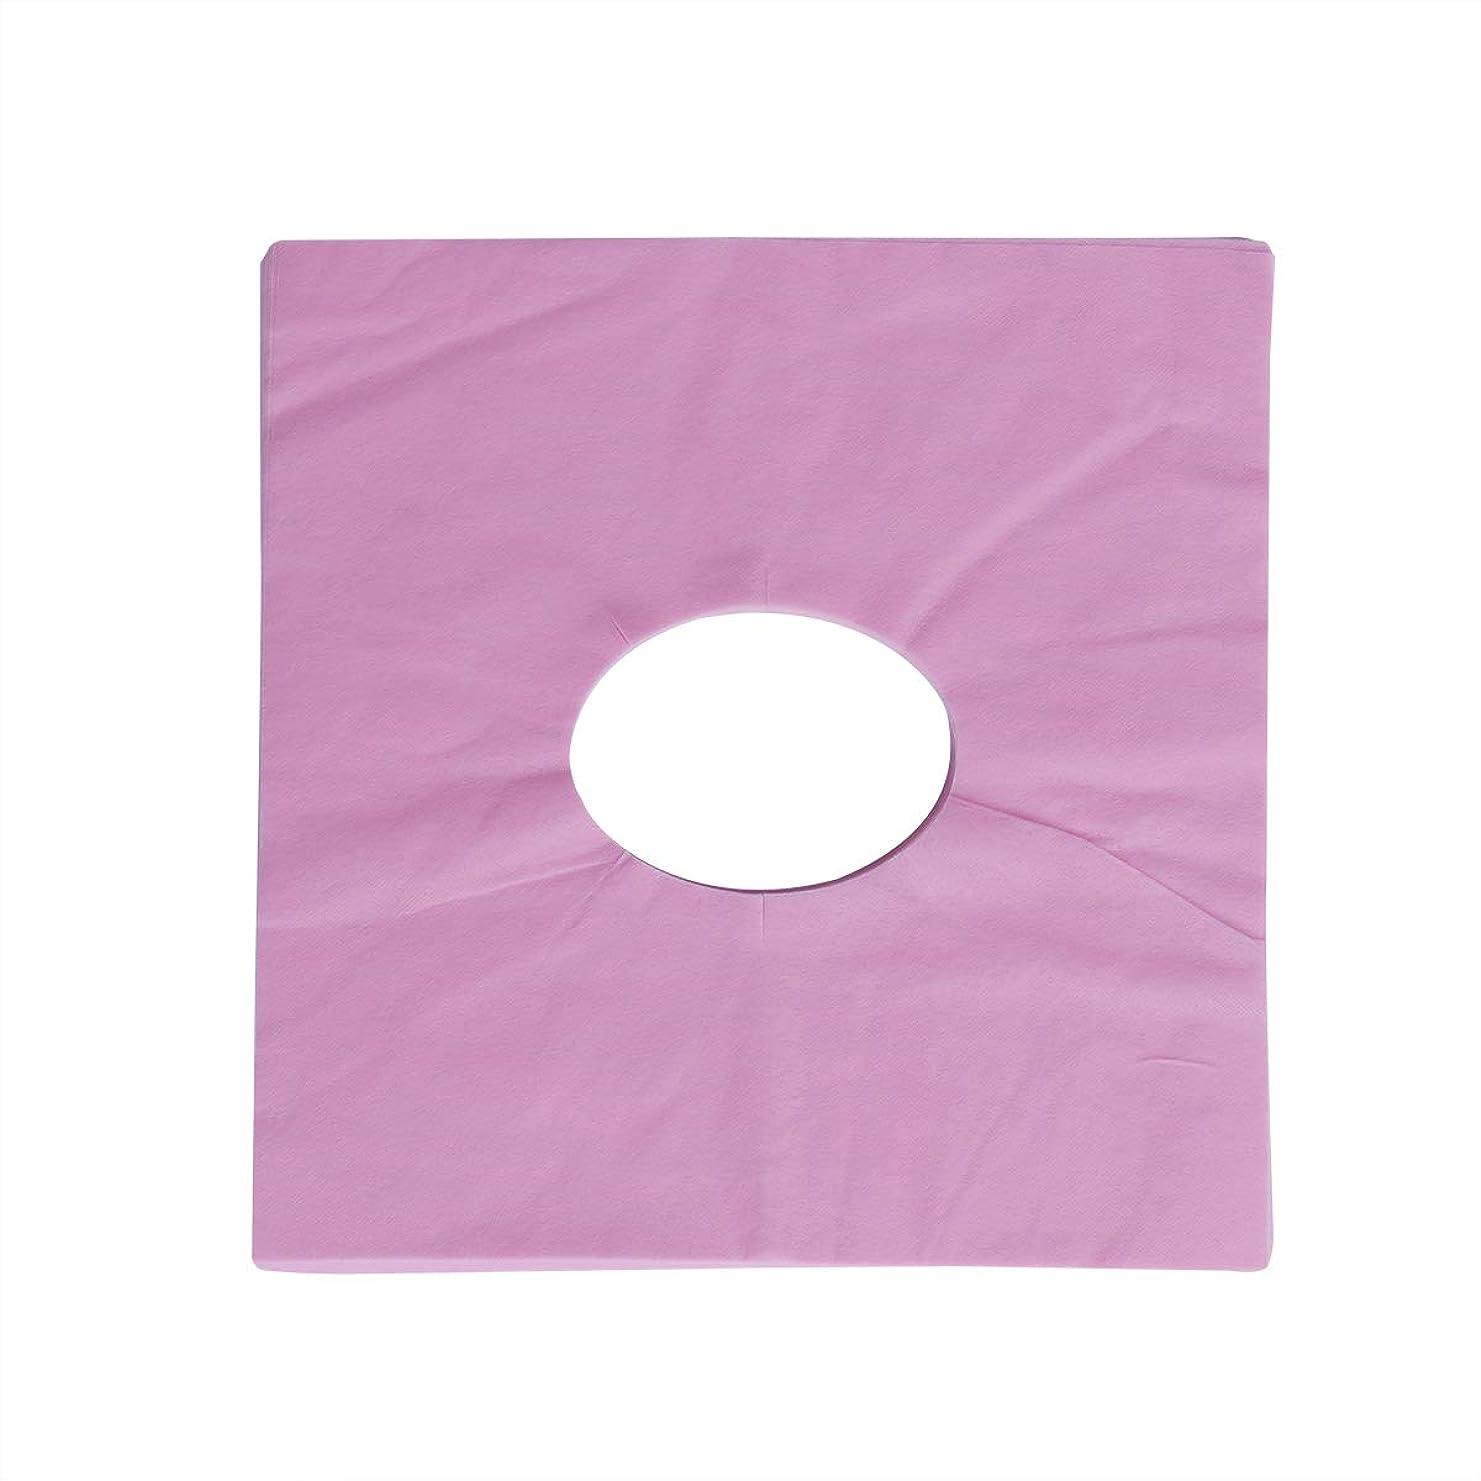 外部模索幻滅するSUPVOX 100ピース使い捨てマッサージフェイスクレードルカバーフェイスマッサージヘッドレストカバー用スパ美容院マッサージ(ピンク)